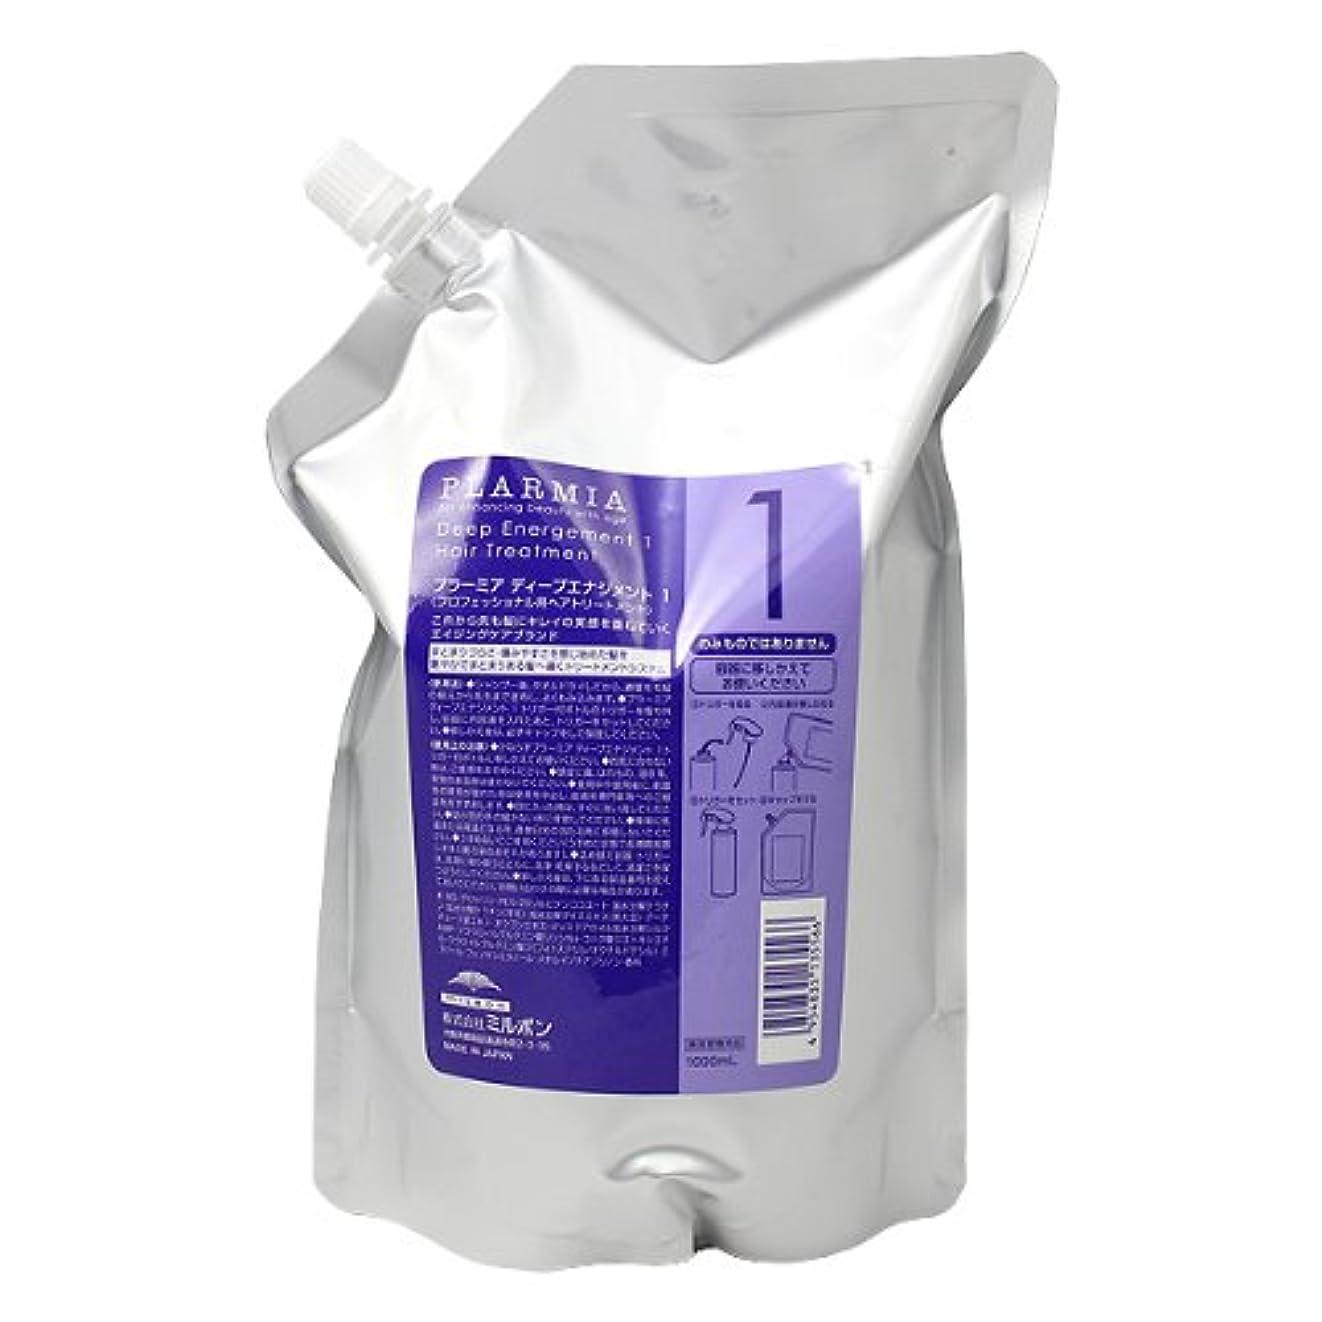 粒ストレージアシスタントミルボン プラーミア ディープエナジメント1 詰替用 1000ml 詰替え用(レフィル)